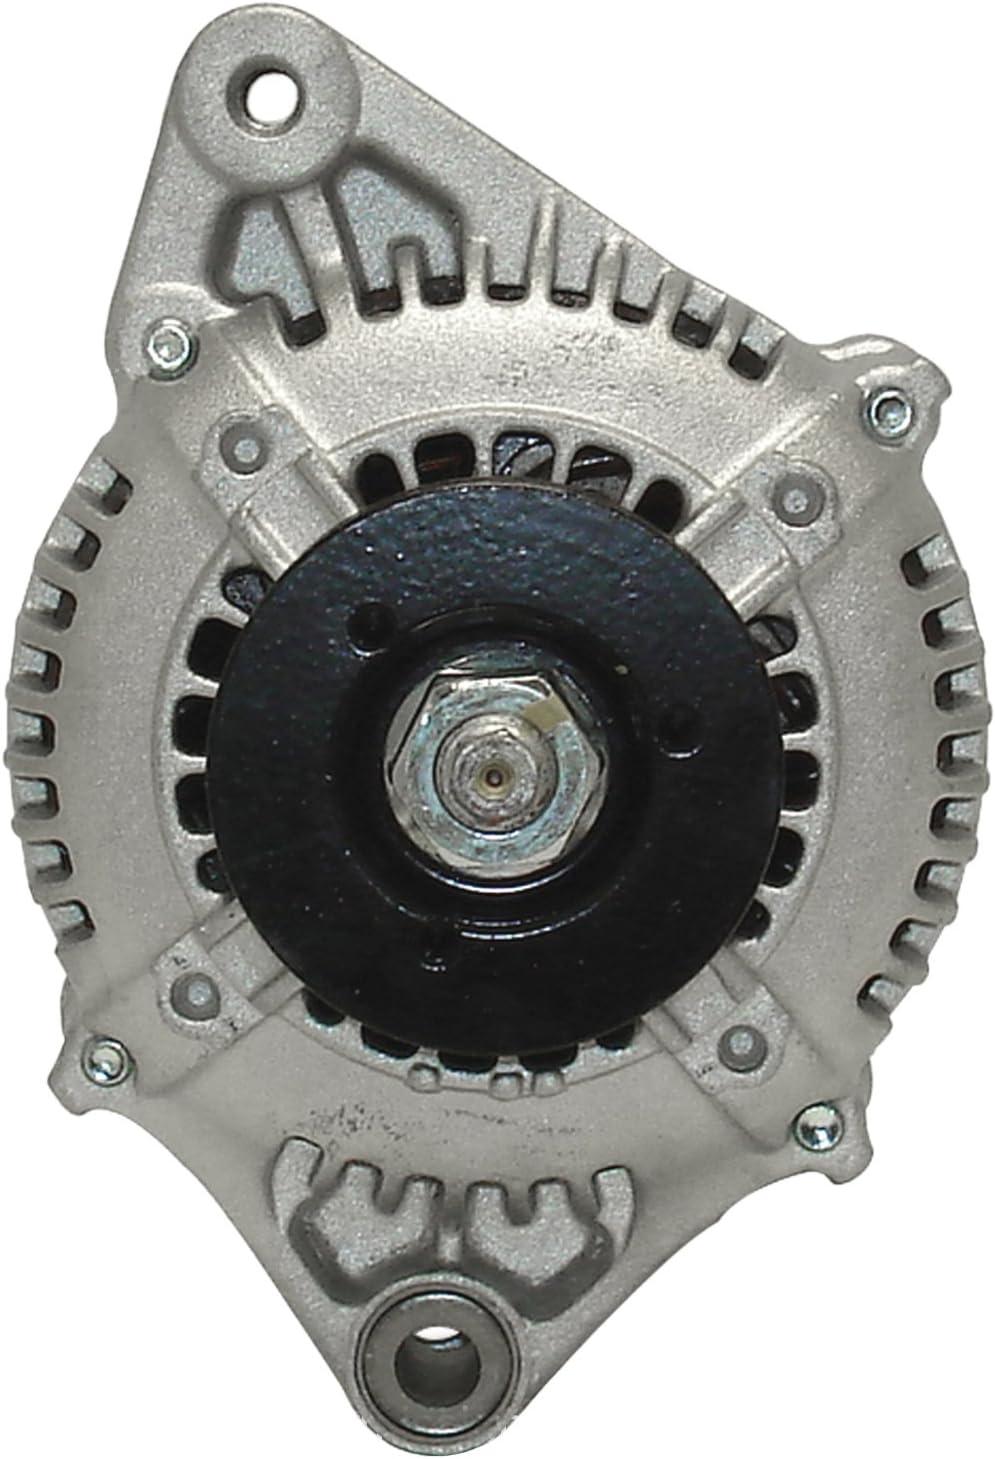 Remanufactured Quality-Built 15684 Premium Import Alternator